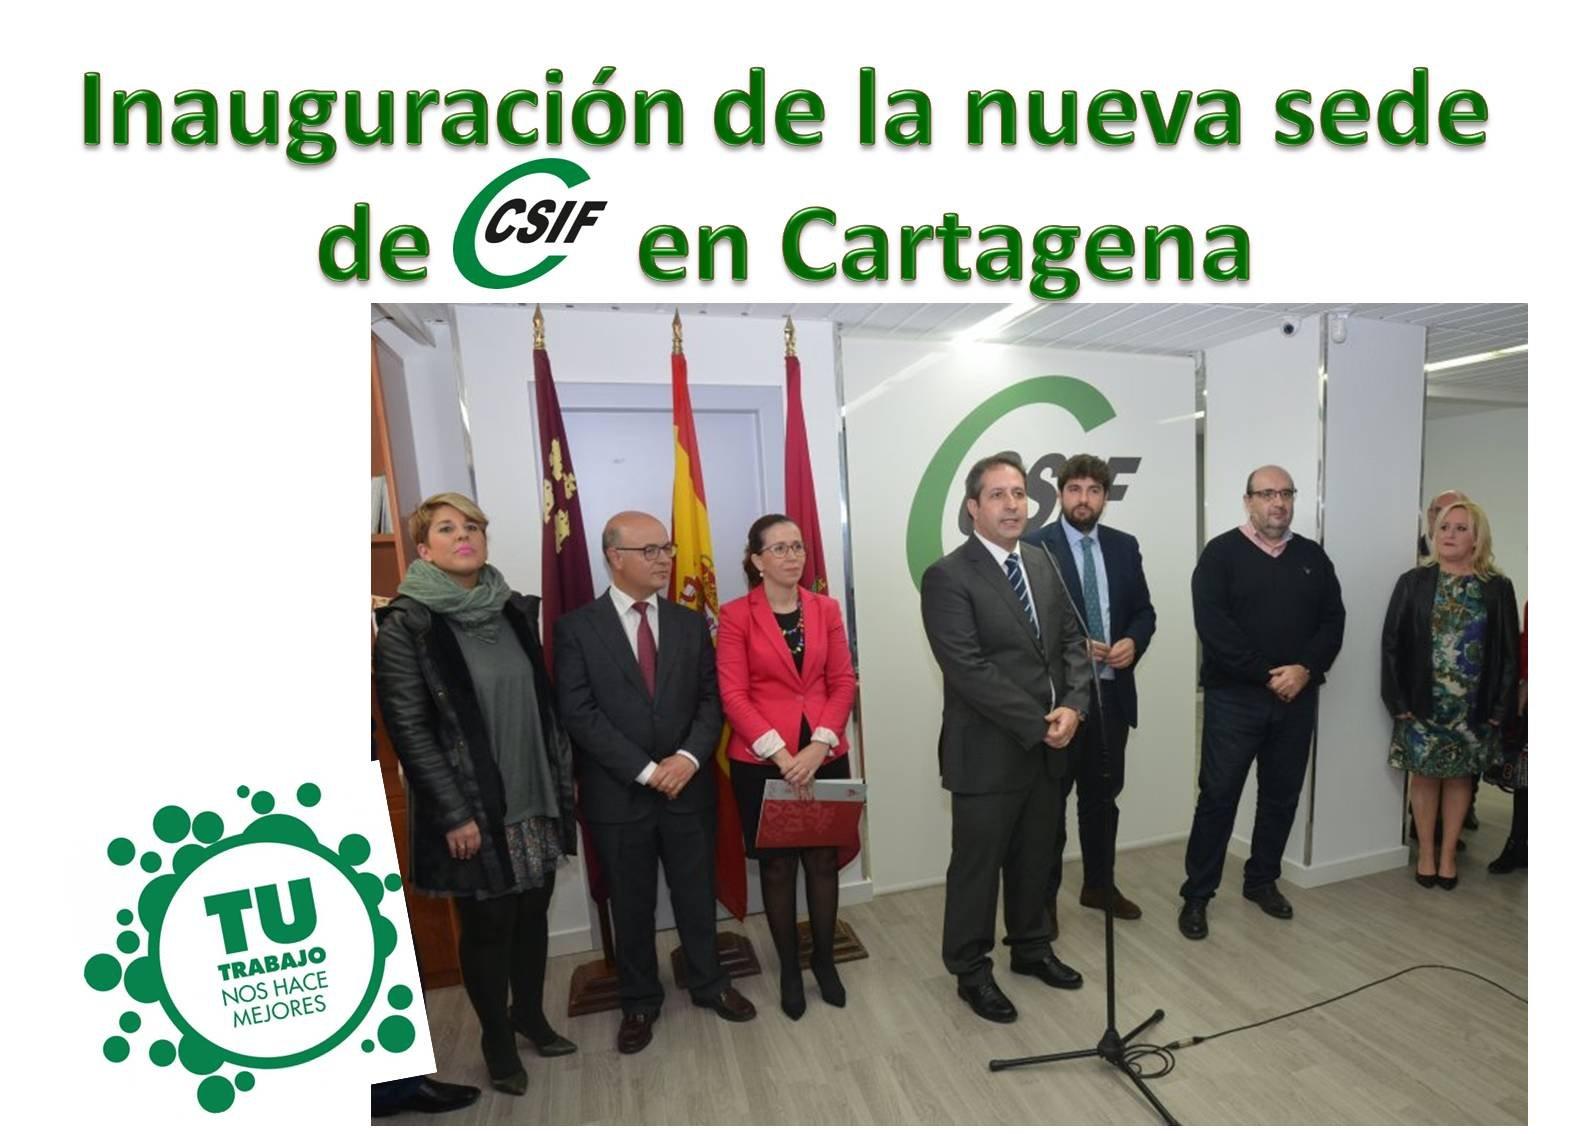 CSIF inaugura su nueva sede en la ciudad de Cartagena